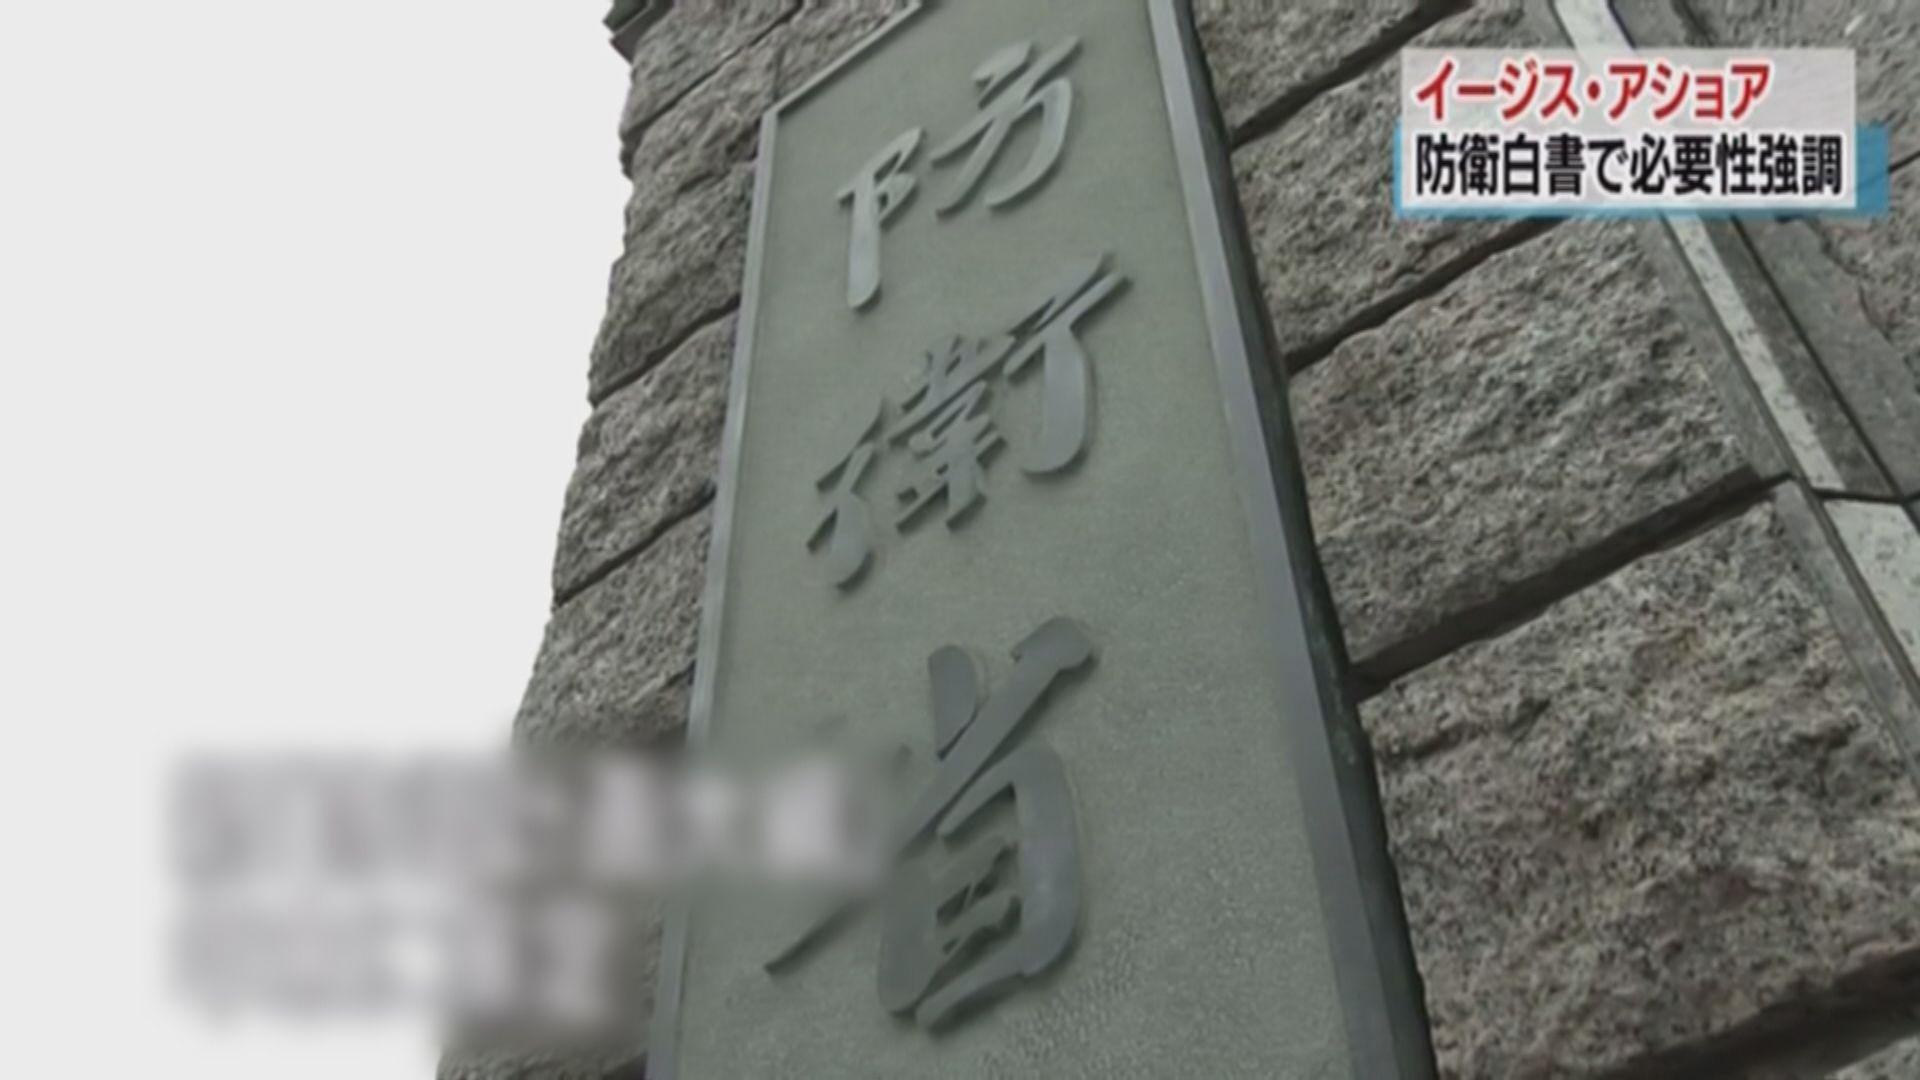 日韓關係惡化蔓延至國防層面